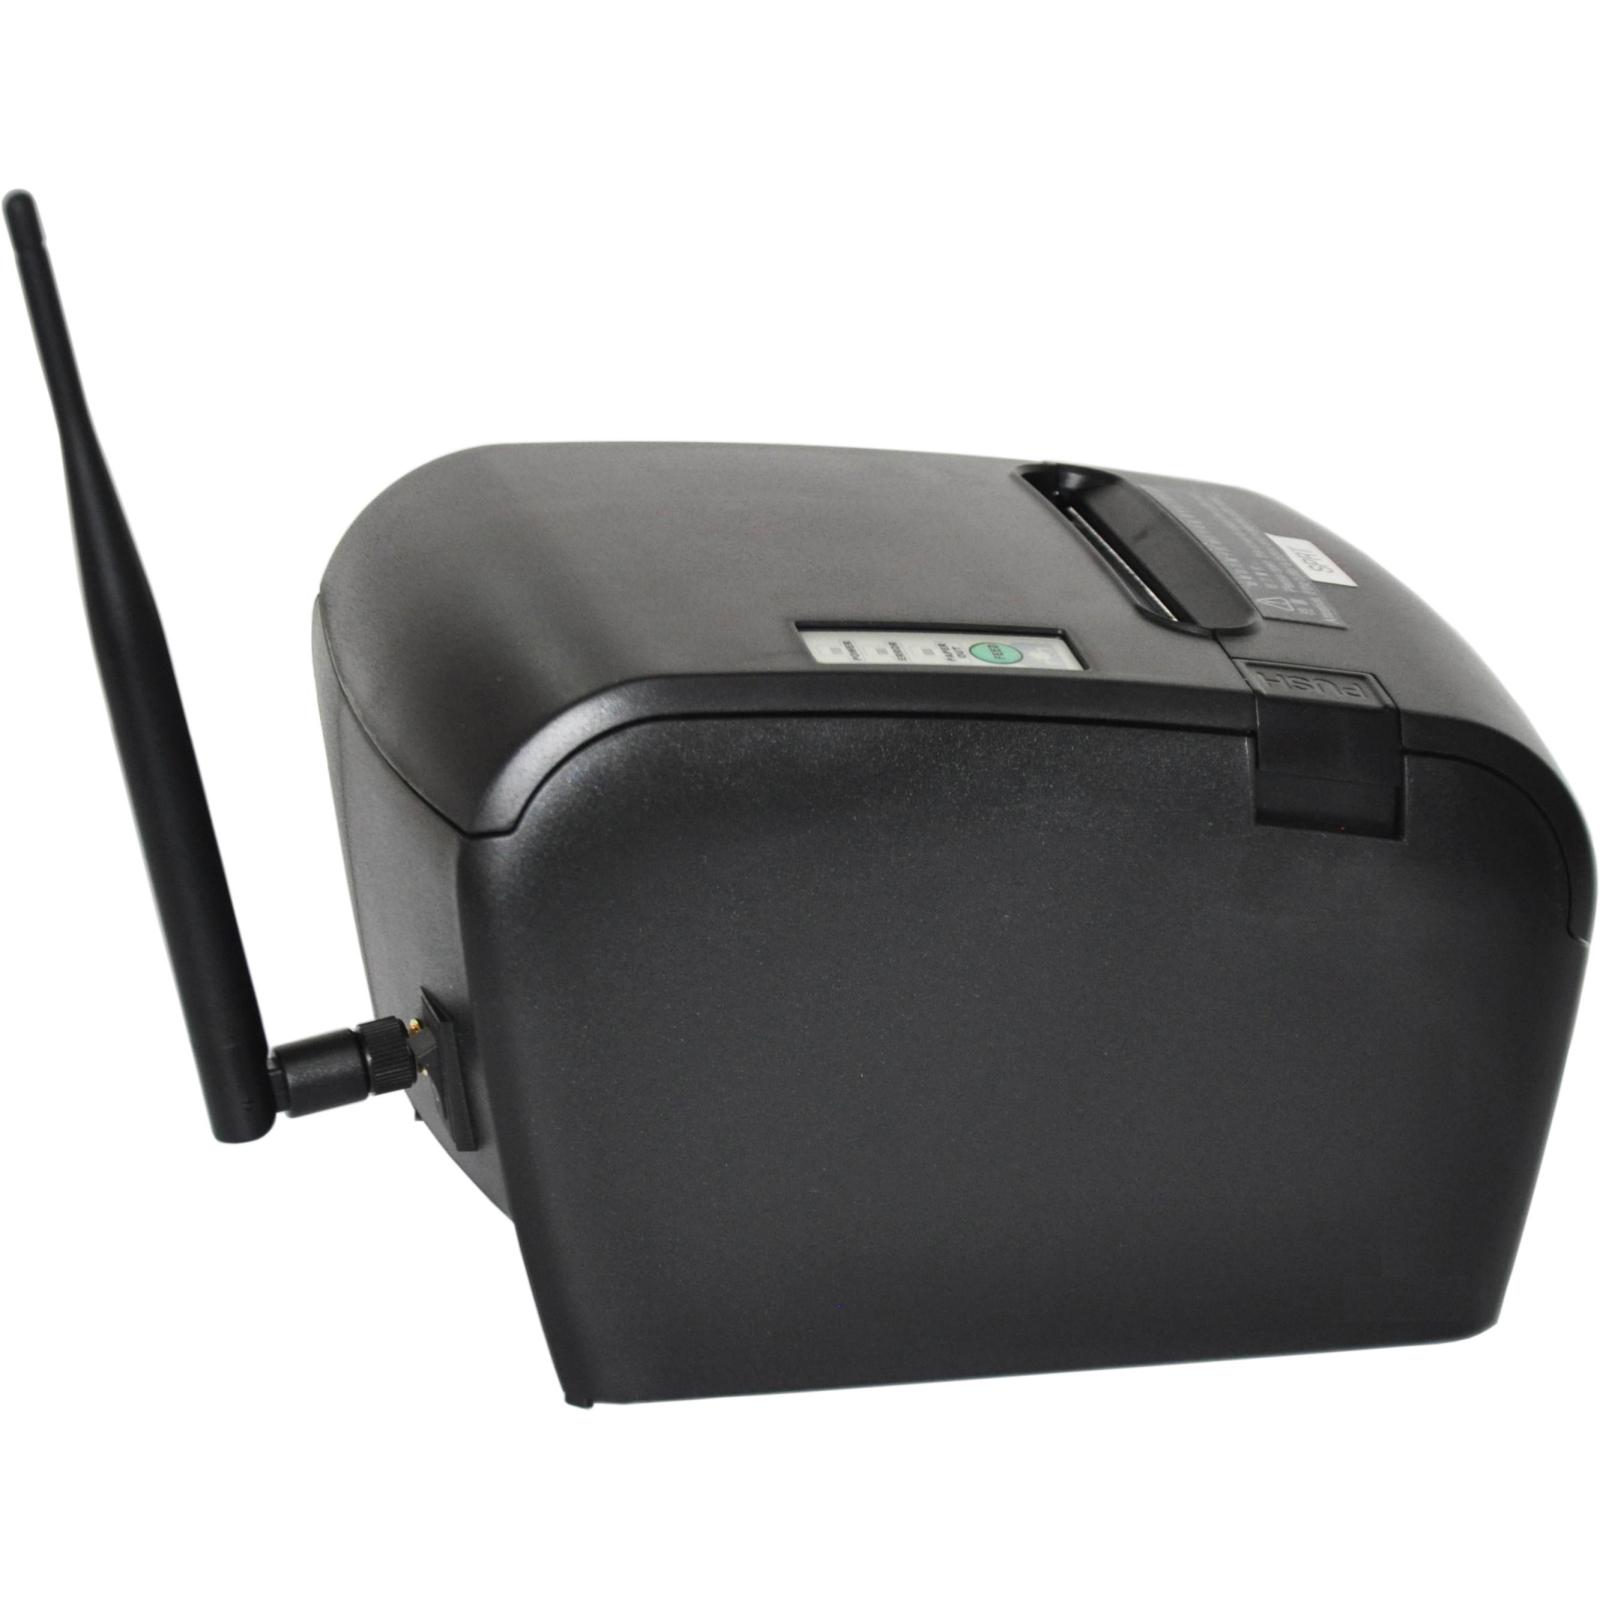 Принтер чеков SPRT SP-POS88VIWF USB, Ethernet, WiFi (SP-POS88VIWF) изображение 2